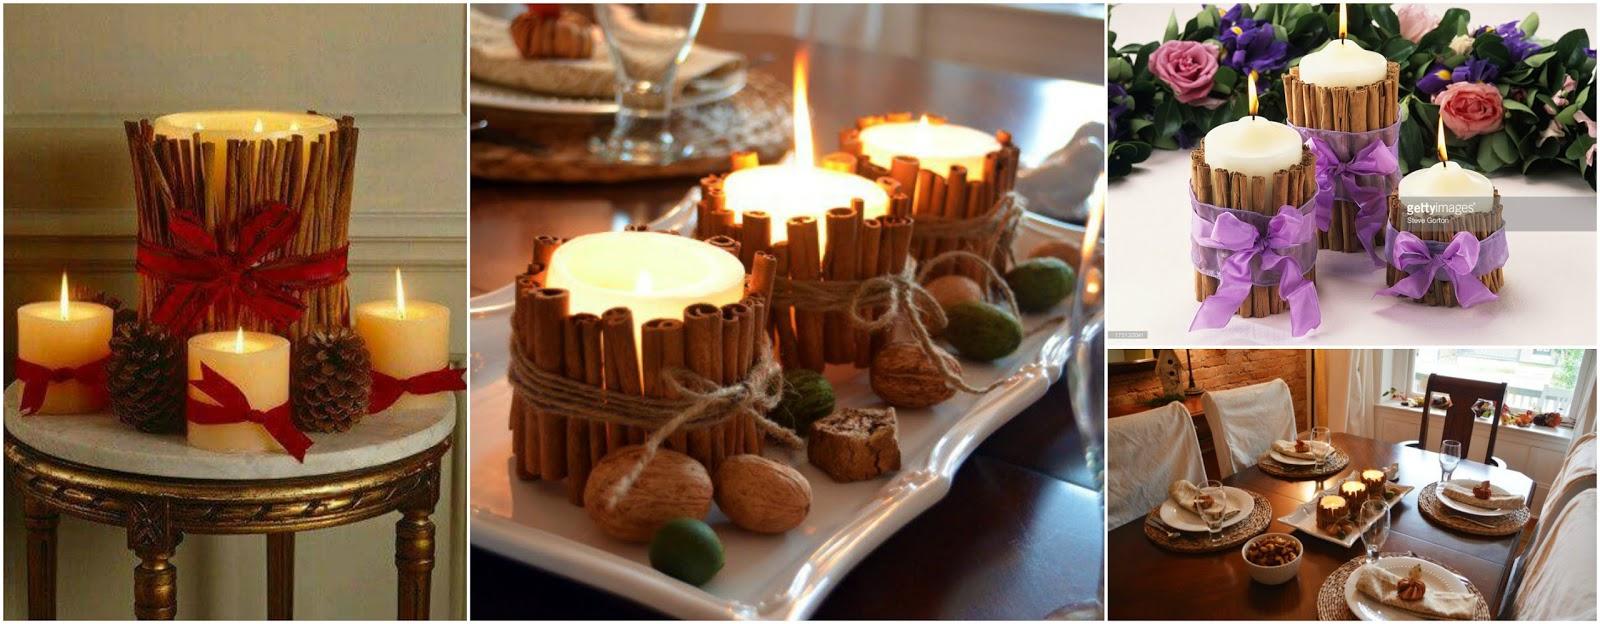 5 ideas f ciles para decorar velas con canela arom ticos - Decorar con velas ...